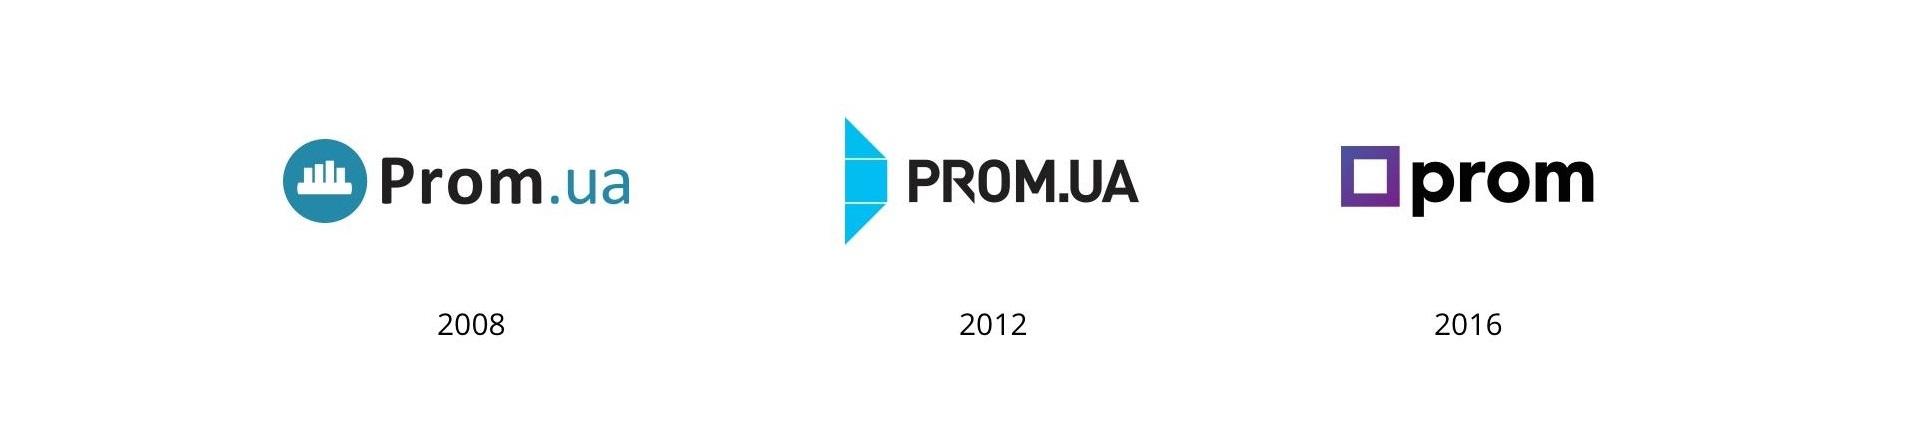 лого prom.ua изменения